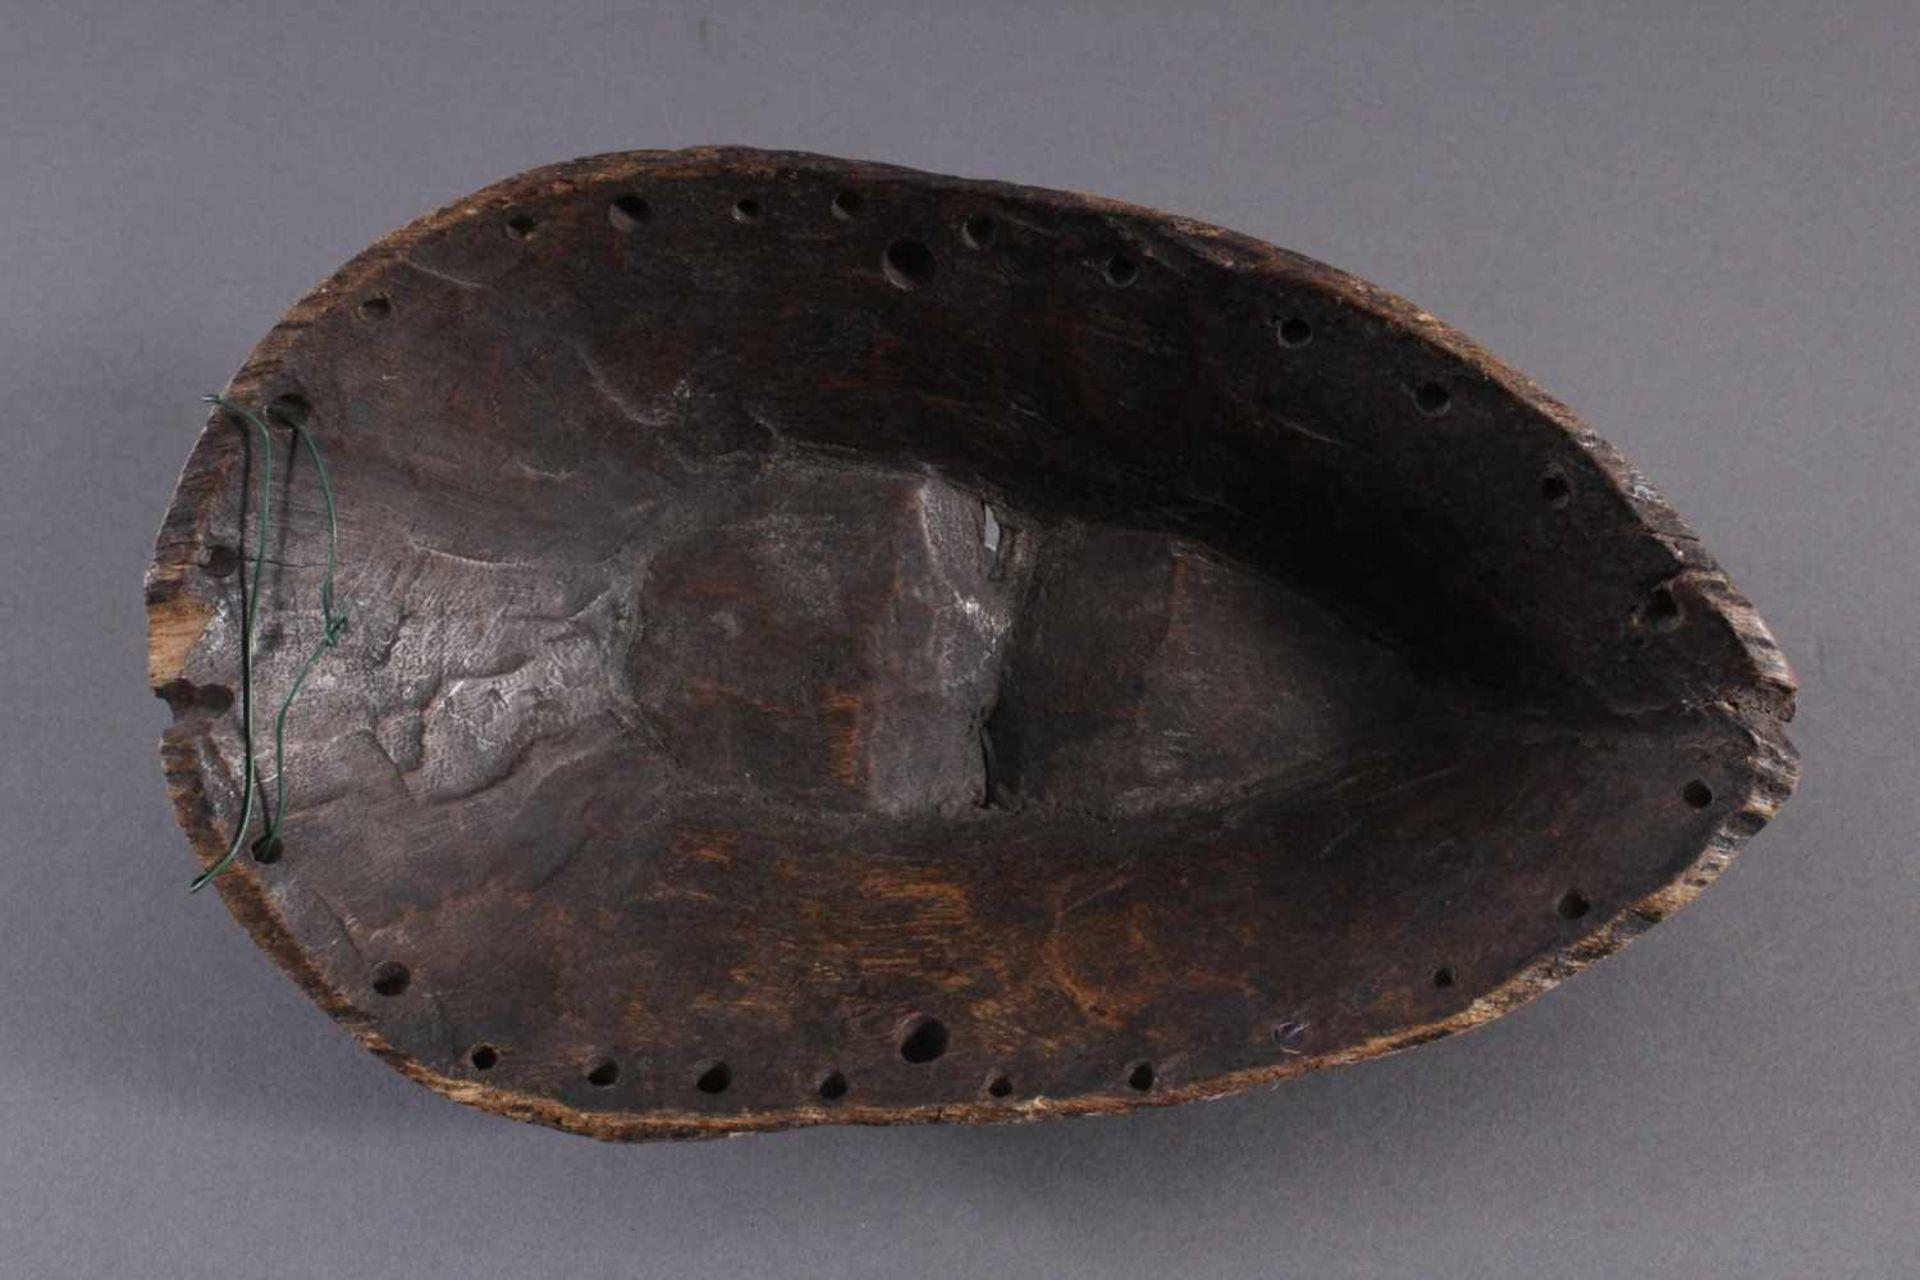 Antike Maske, Kwele-GabunHolz, geschnitzt, dunkle Patina, Narbentatauierung, ca. L-27 cm - Bild 6 aus 6